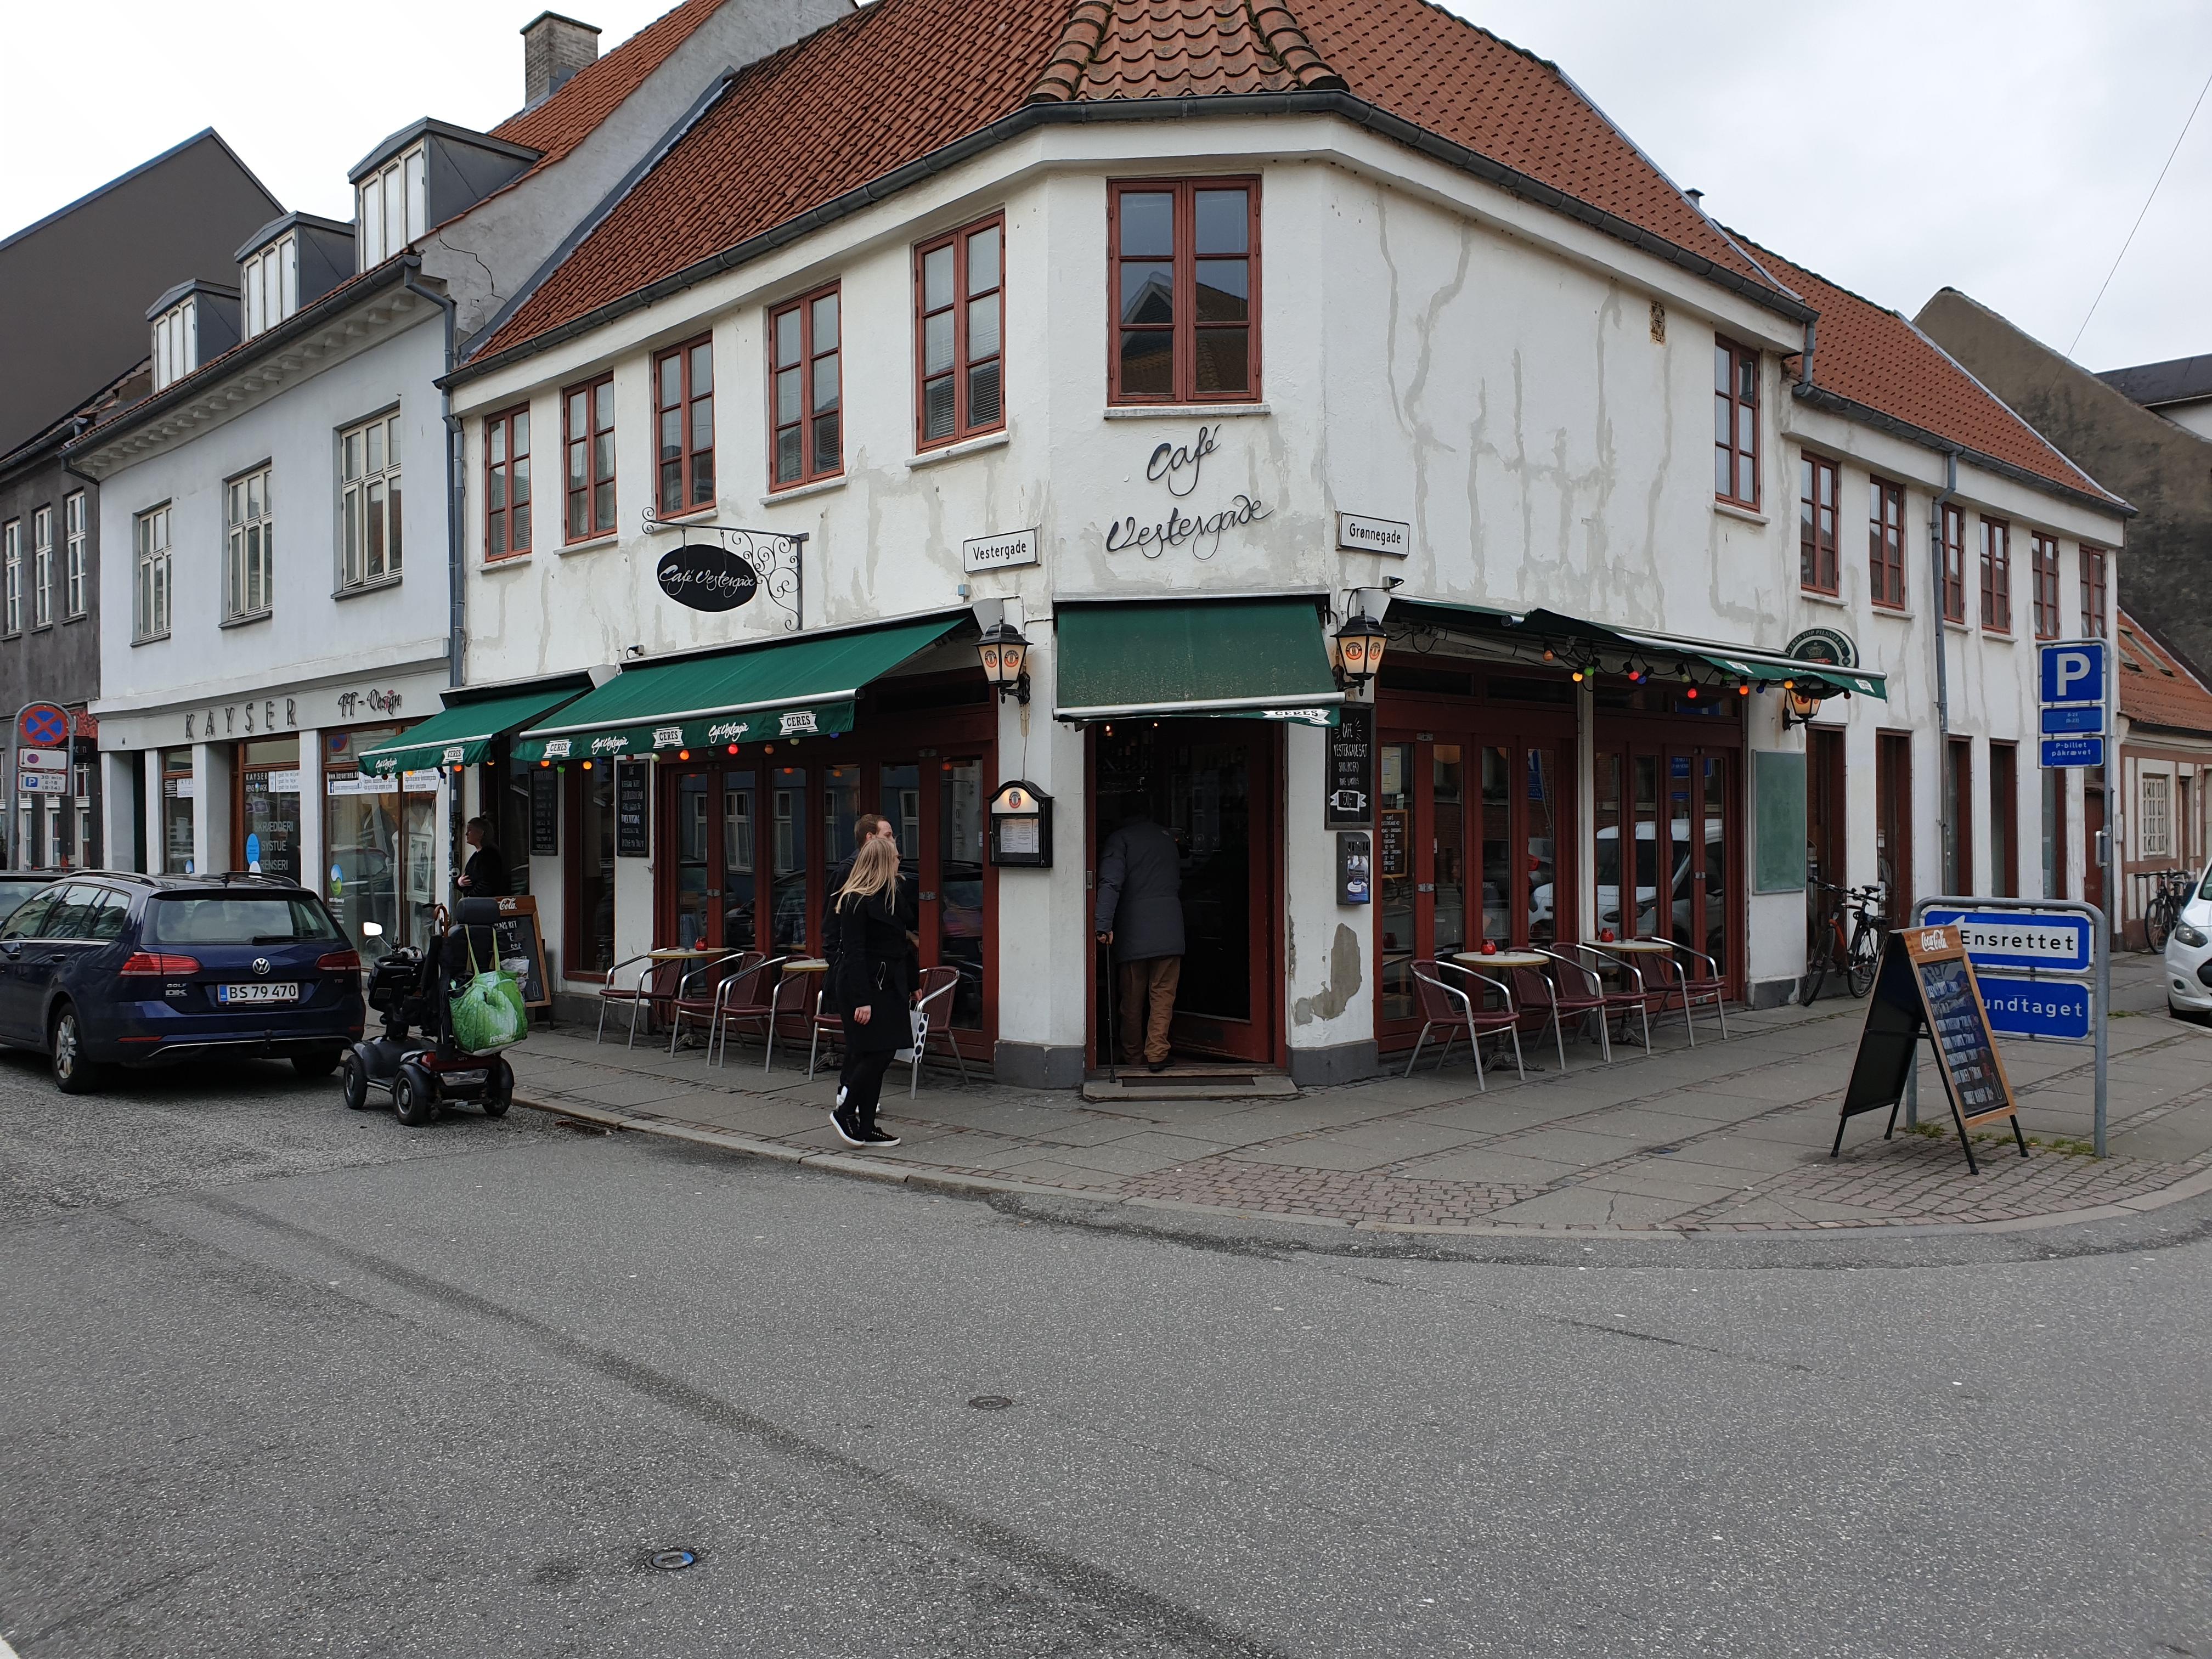 Café Vestergade facade